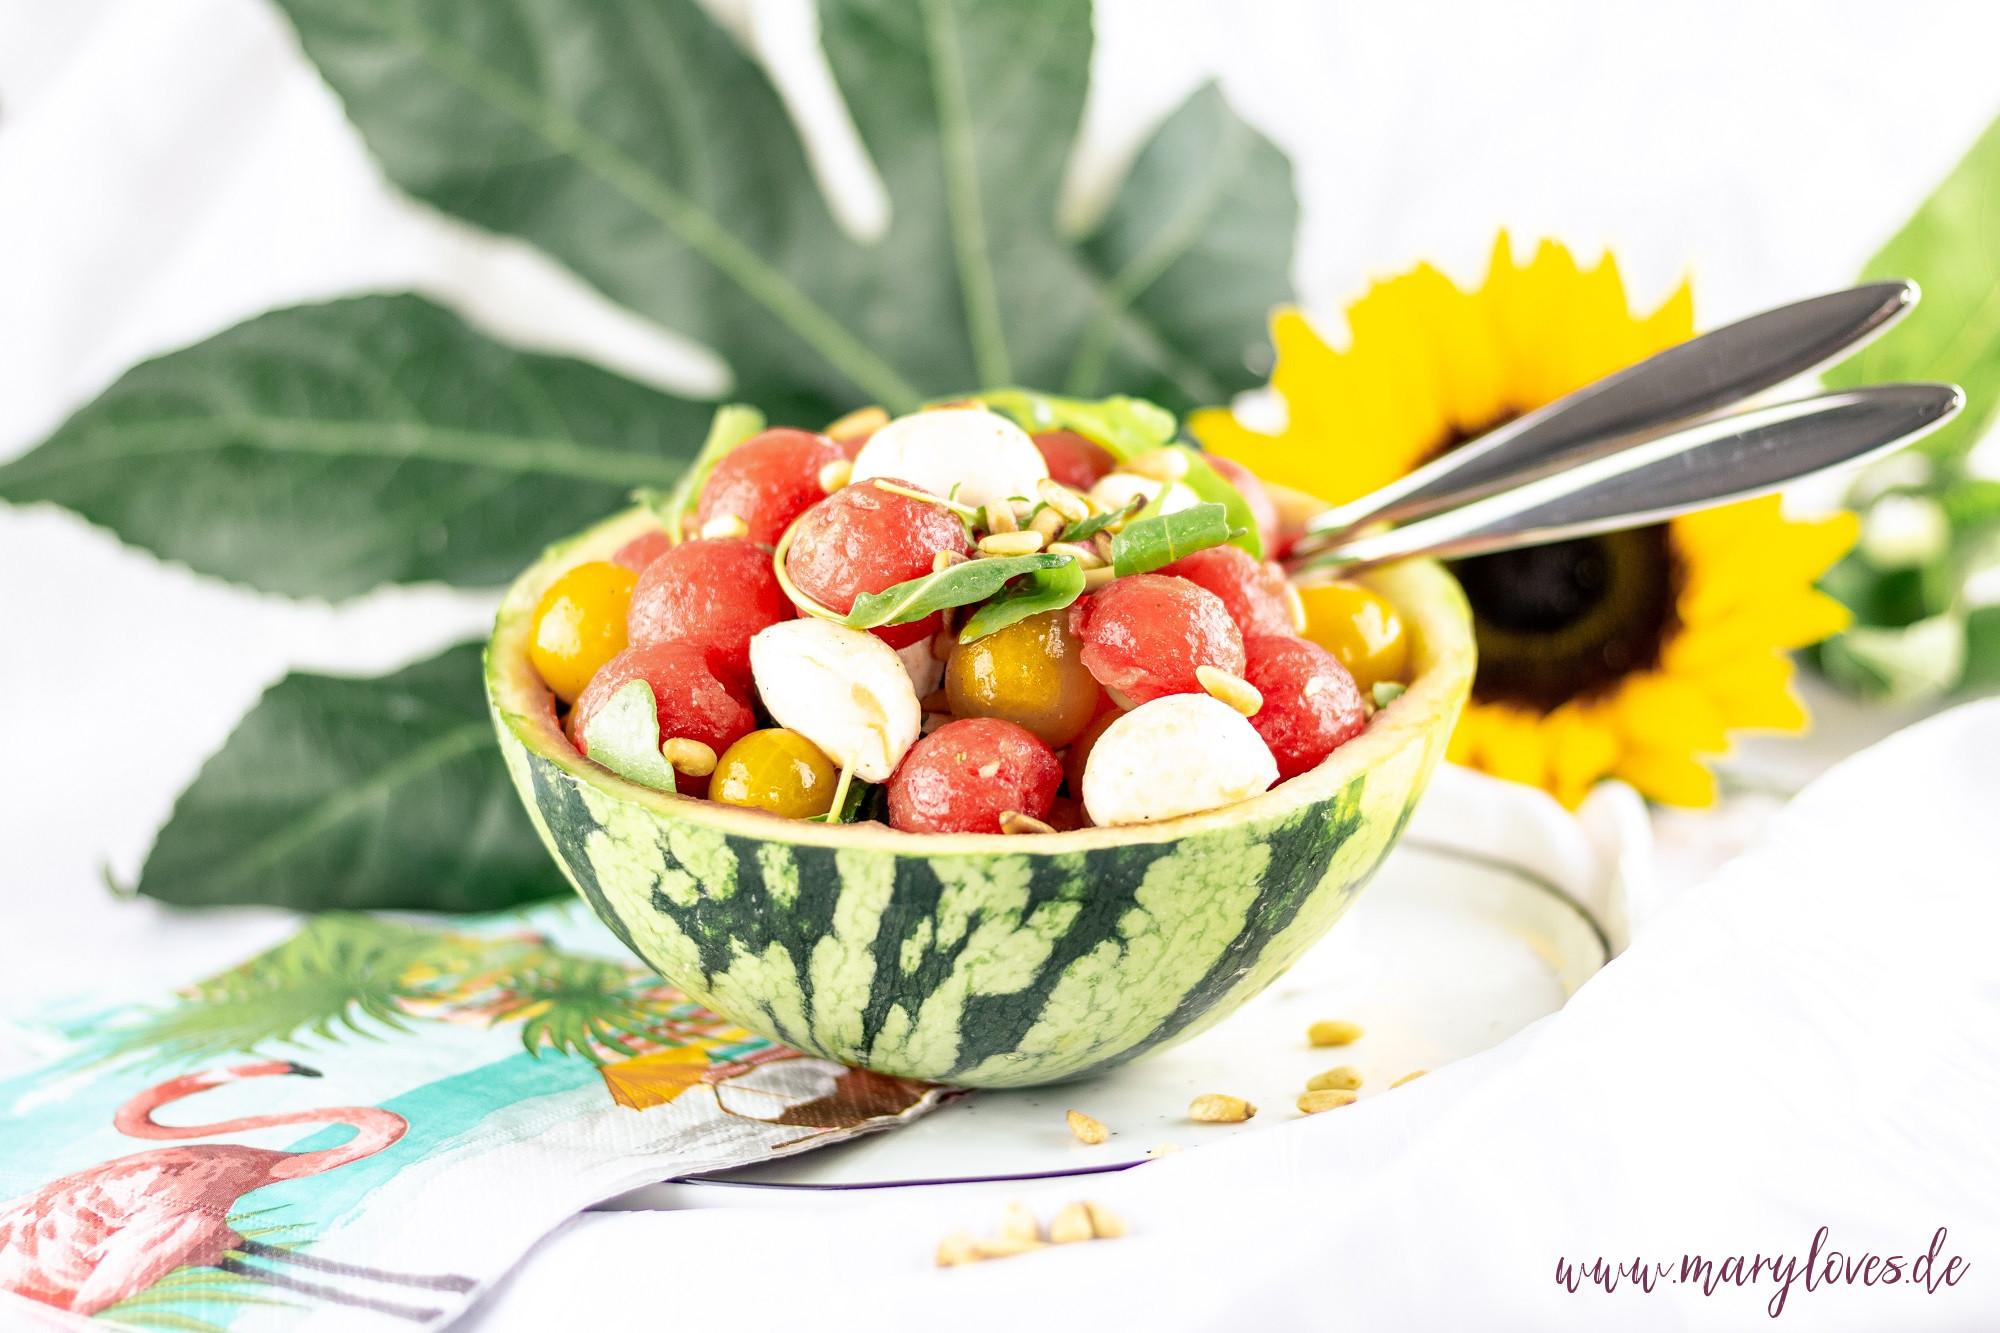 Bunter Sommersalat mit Wassermelone, Tomaten und Mozzarella - Mary loves